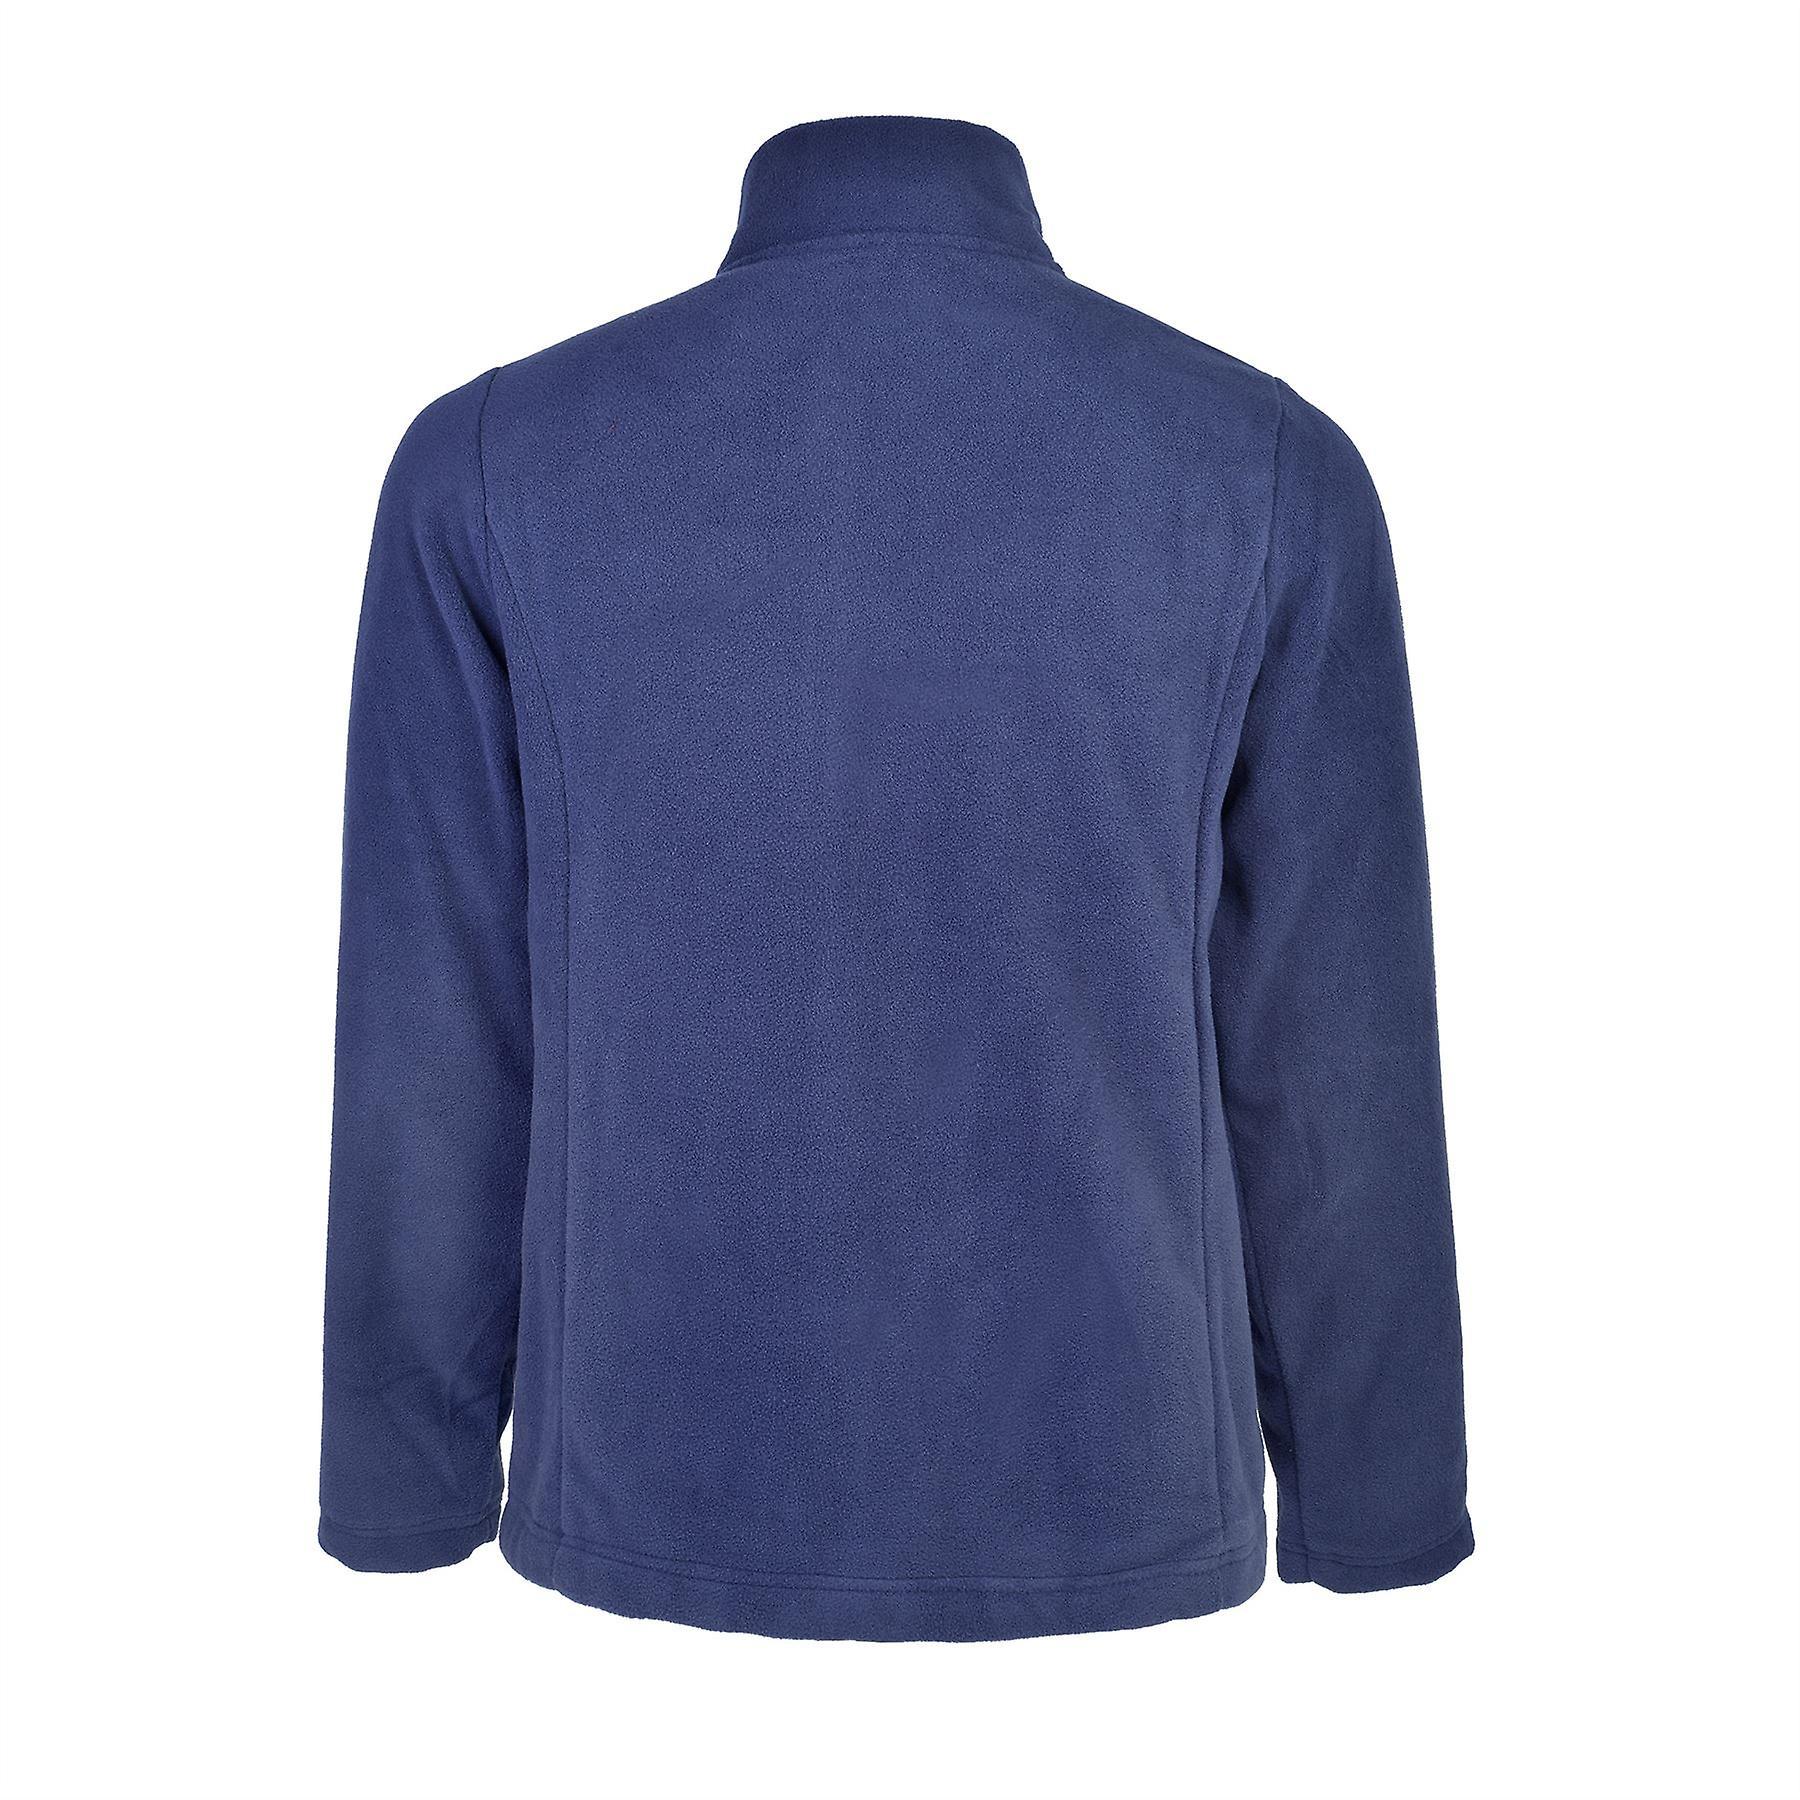 Slimbridge Sanford Size S Mens Fleece Jacket, Navy